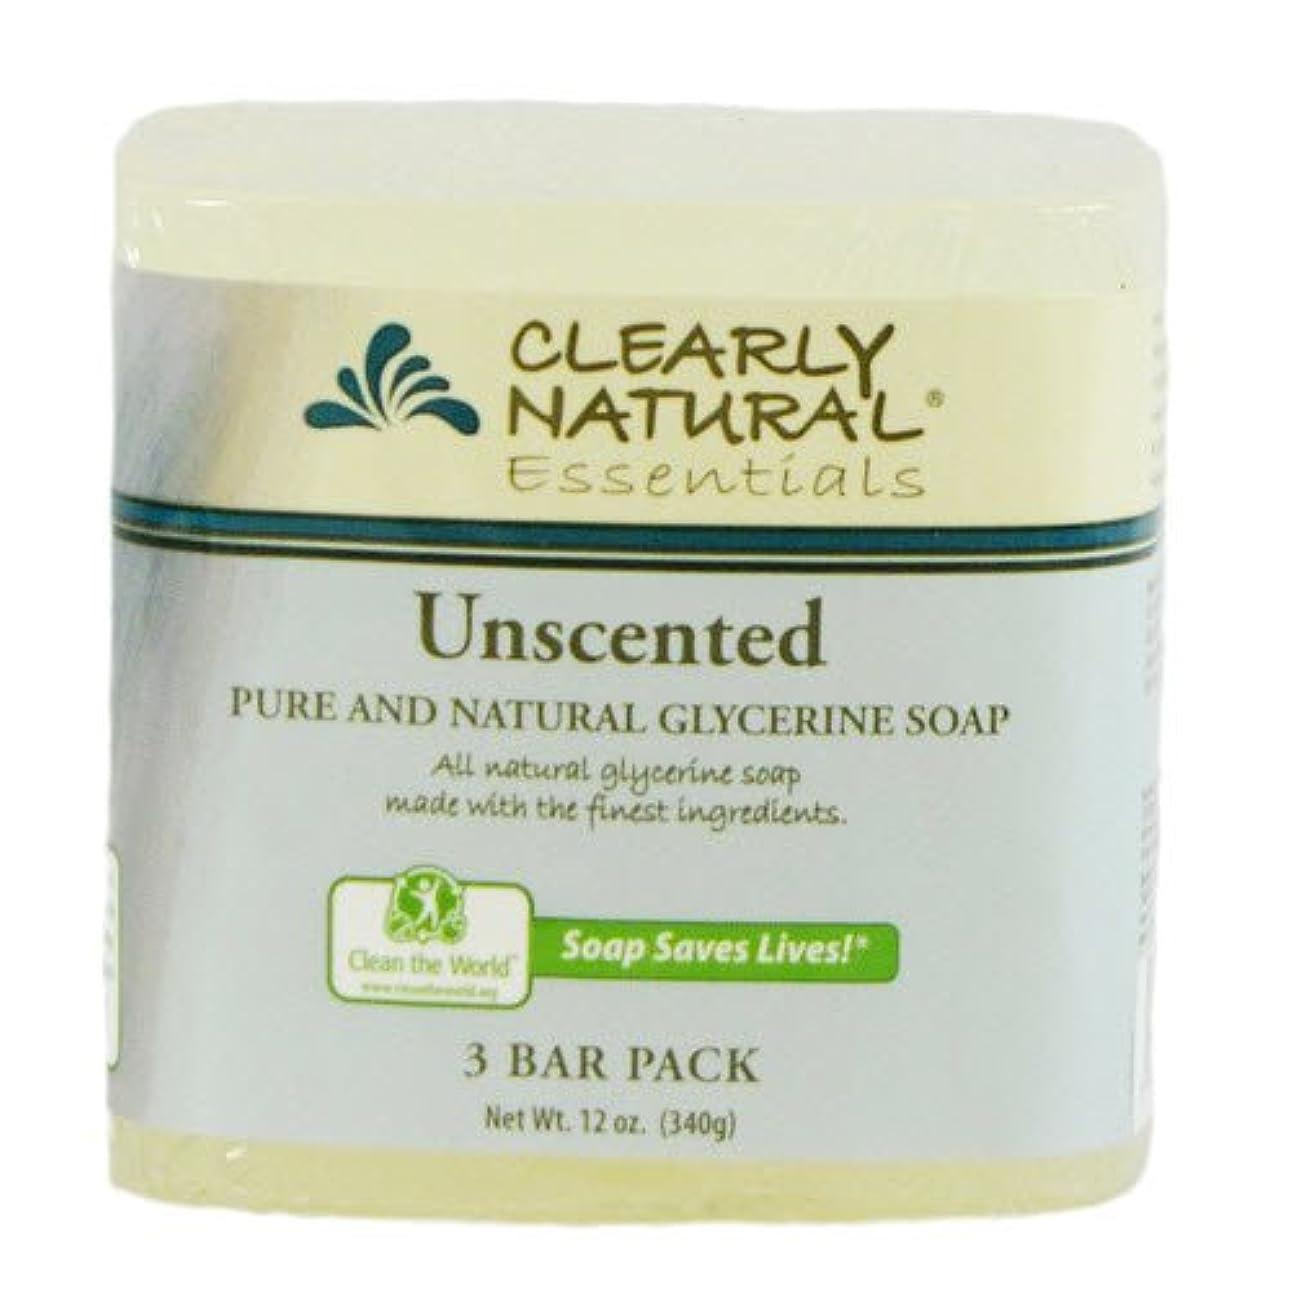 ねばねばにもかかわらず罪Clearly Natural, Pure and Natural Glycerine Soap, Unscented, 3 Bar Pack, 4 oz Each